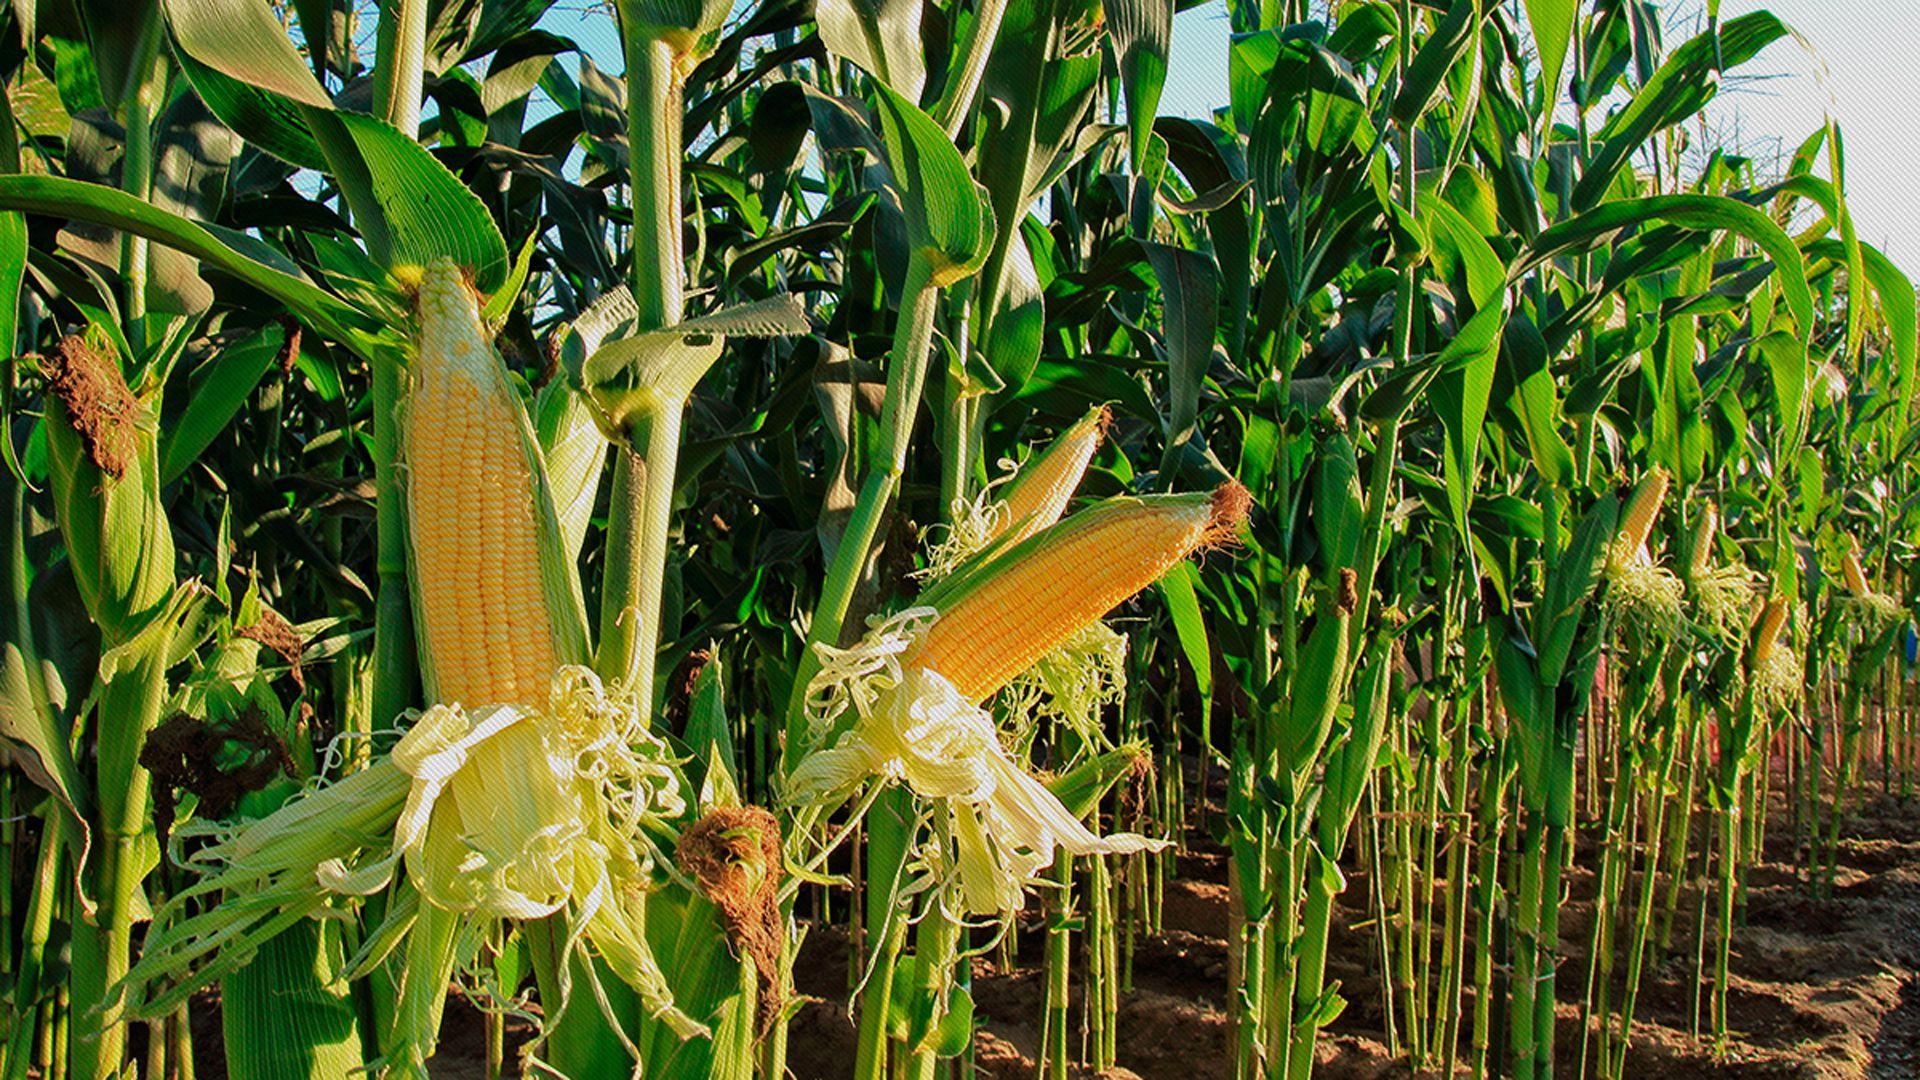 La siembra de maíz atravesó diferentes dificultades